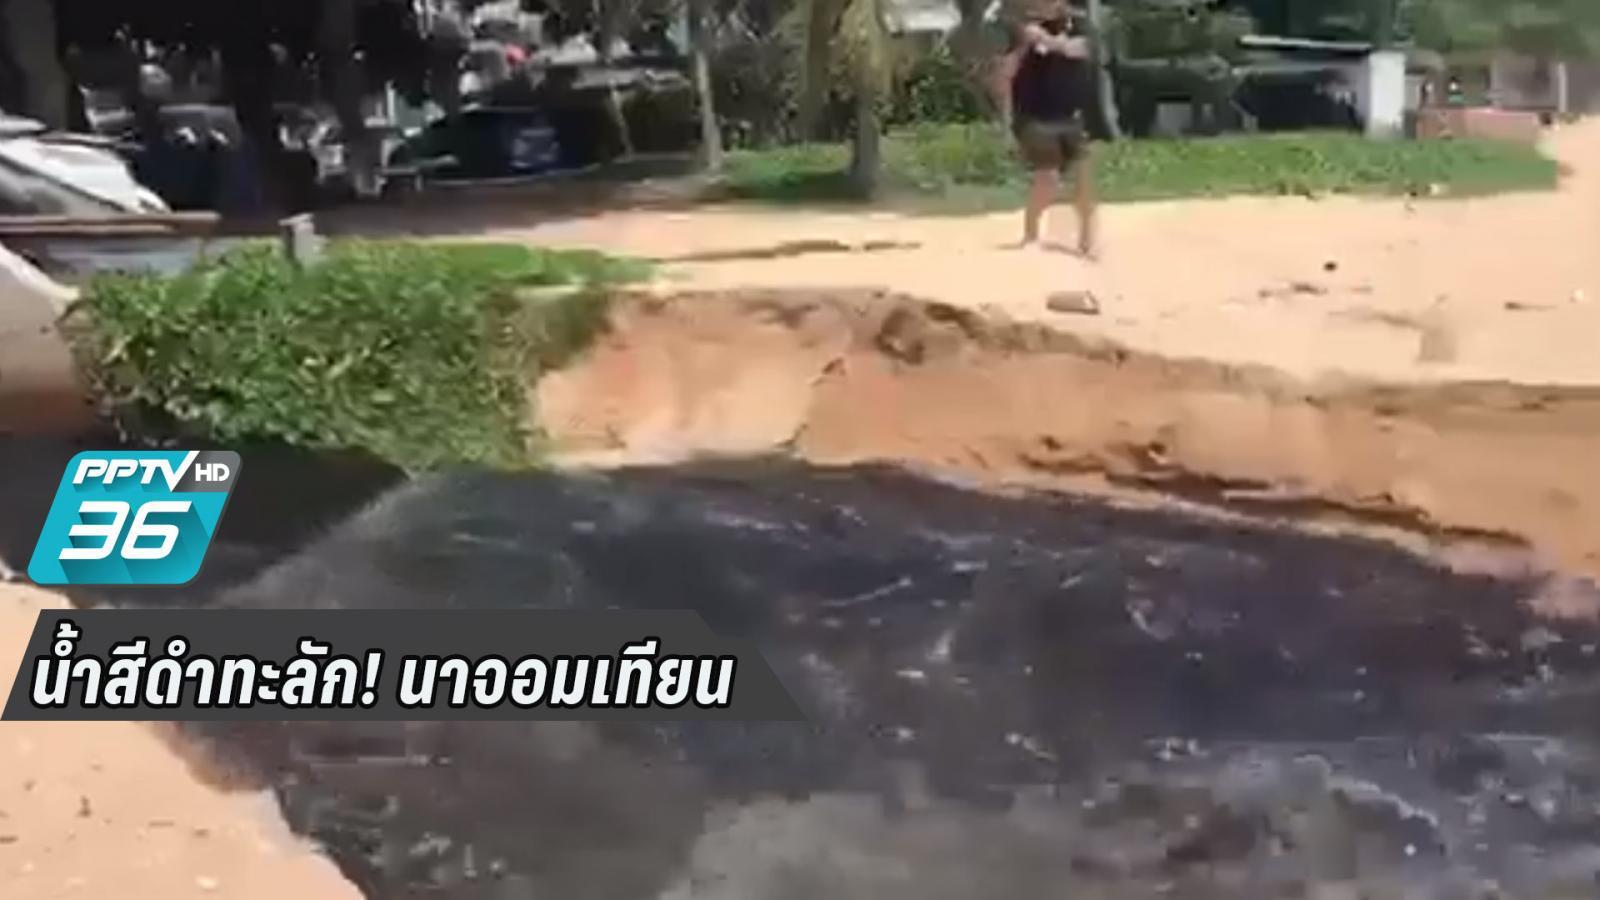 น้ำสีดำทะลัก! ชายหาดนาจอมเทียน จี้ หน่วยงานรัฐเร่งแก้ปัญหา